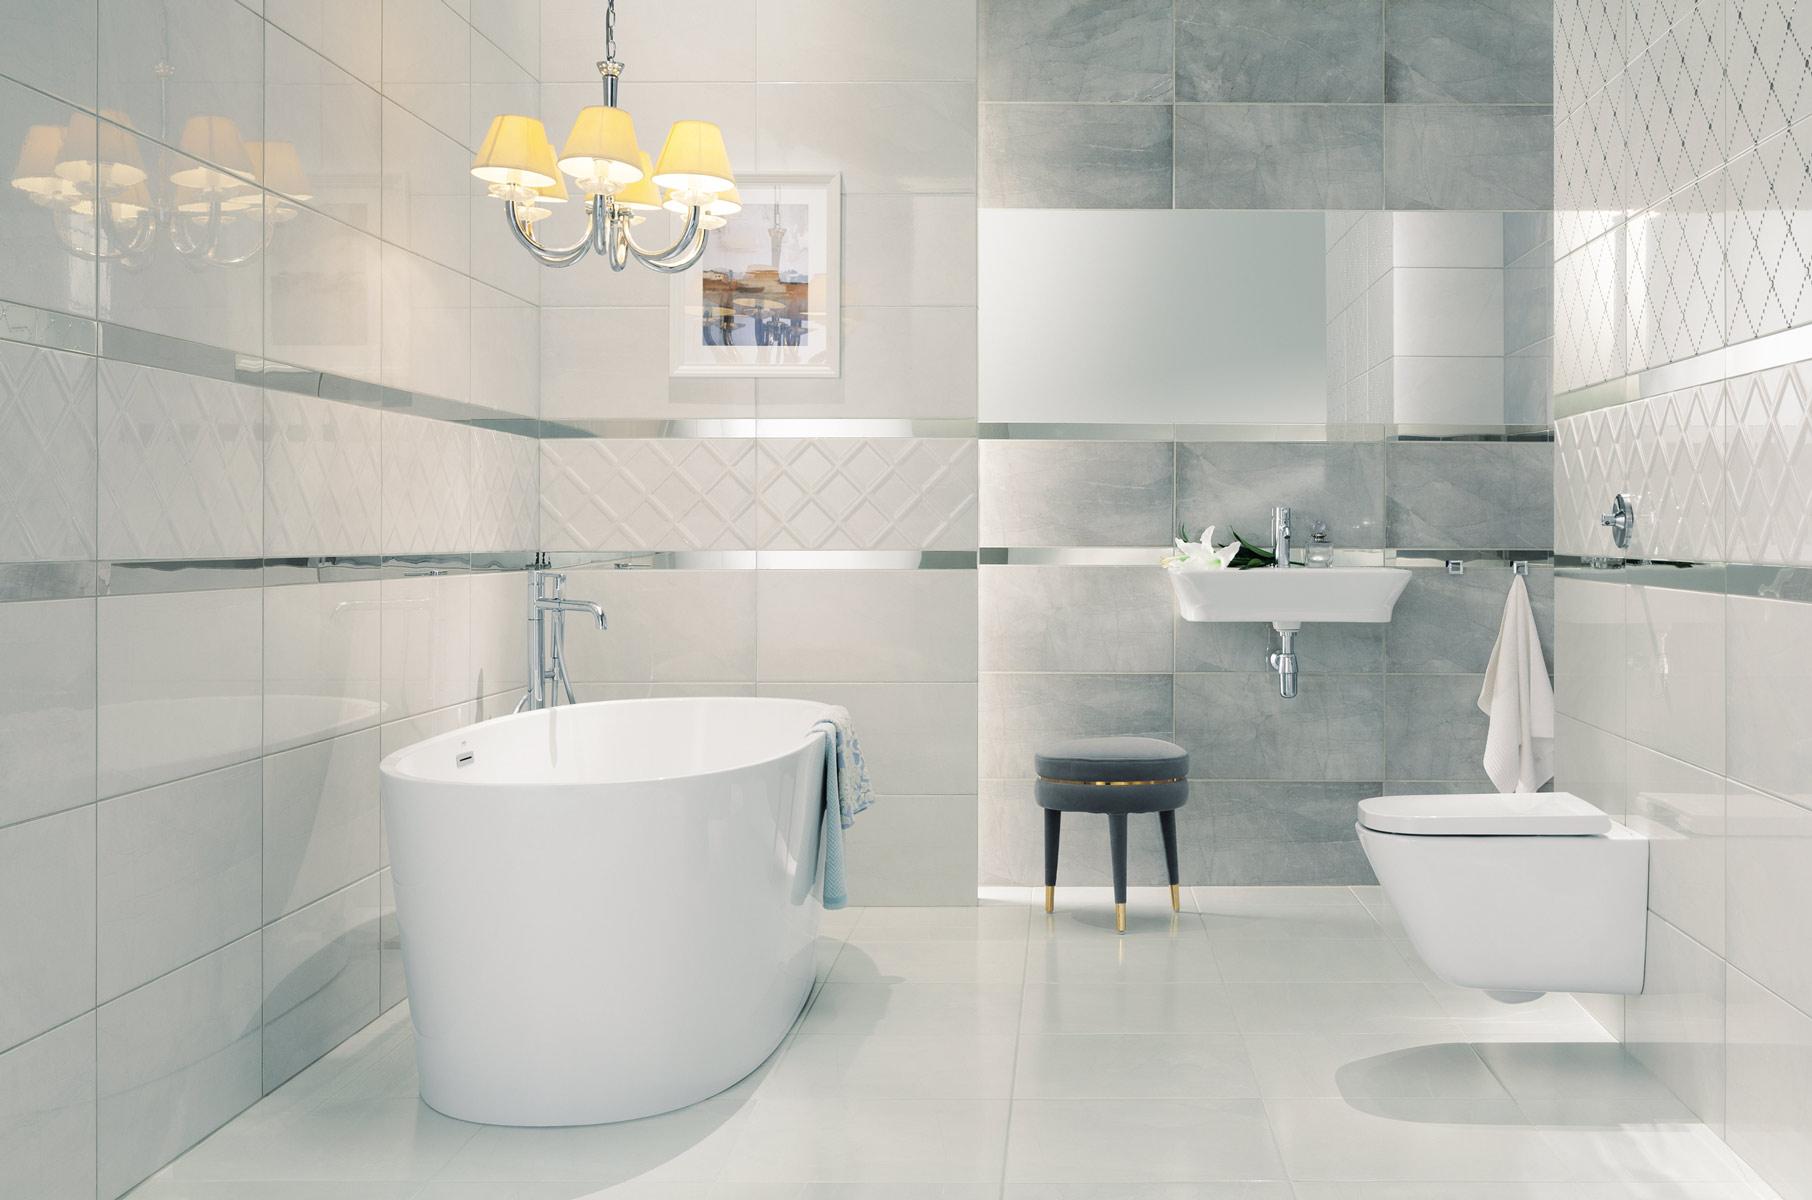 Nowa łazienka W 4 Krokach Leroy Merlin